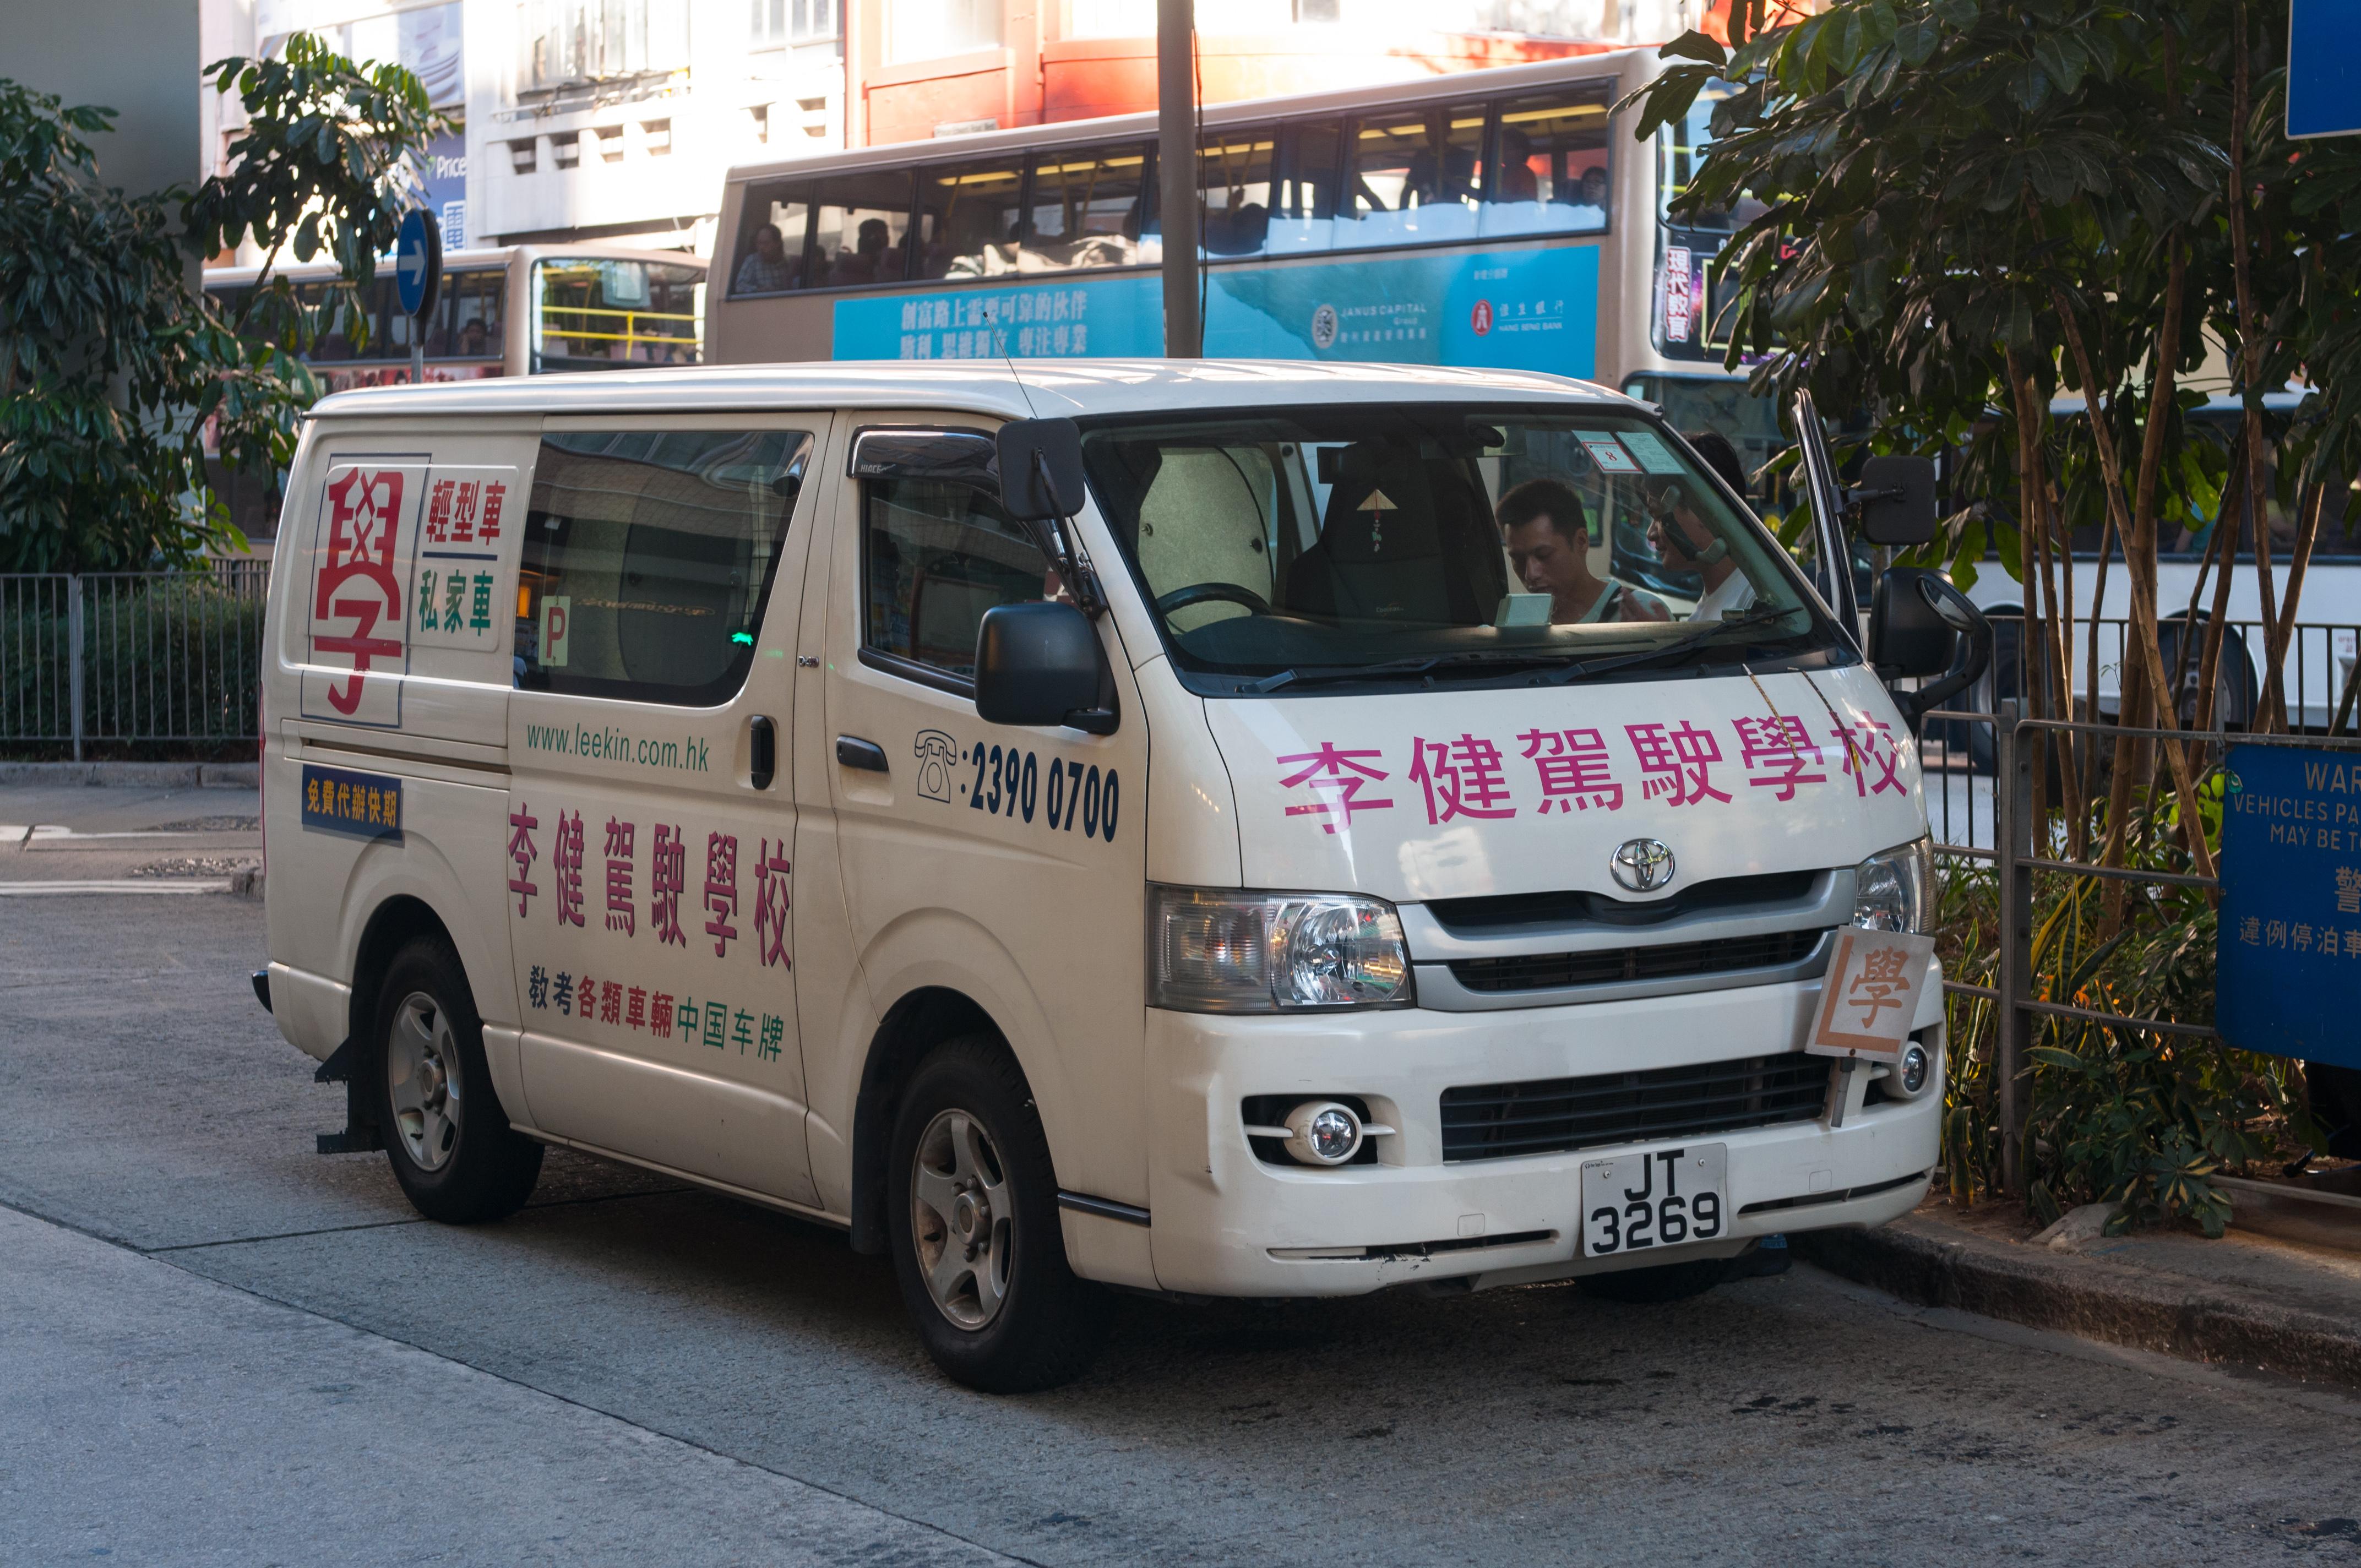 13-08-11-hongkong-50mm-14.jpg